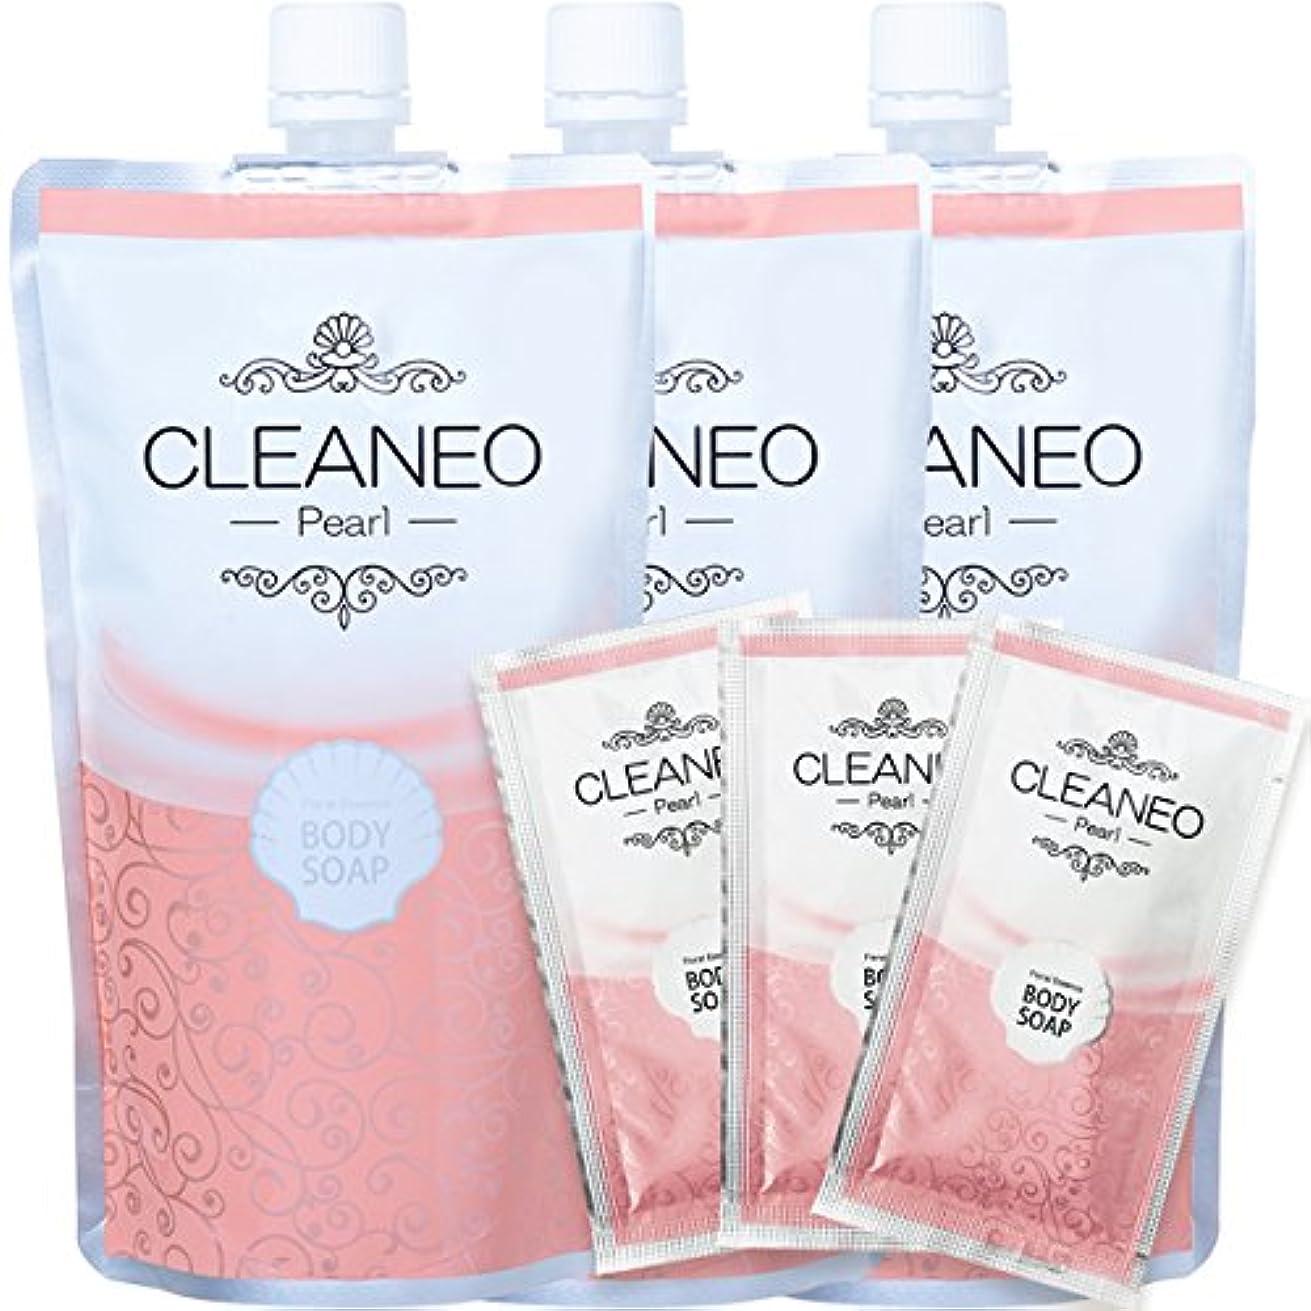 毎日切る贅沢なクリアネオ公式(CLEANEO) パール オーガニック ボディソープ?透明感のある美肌へ 詰替300ml ×3 + パールパウチセット